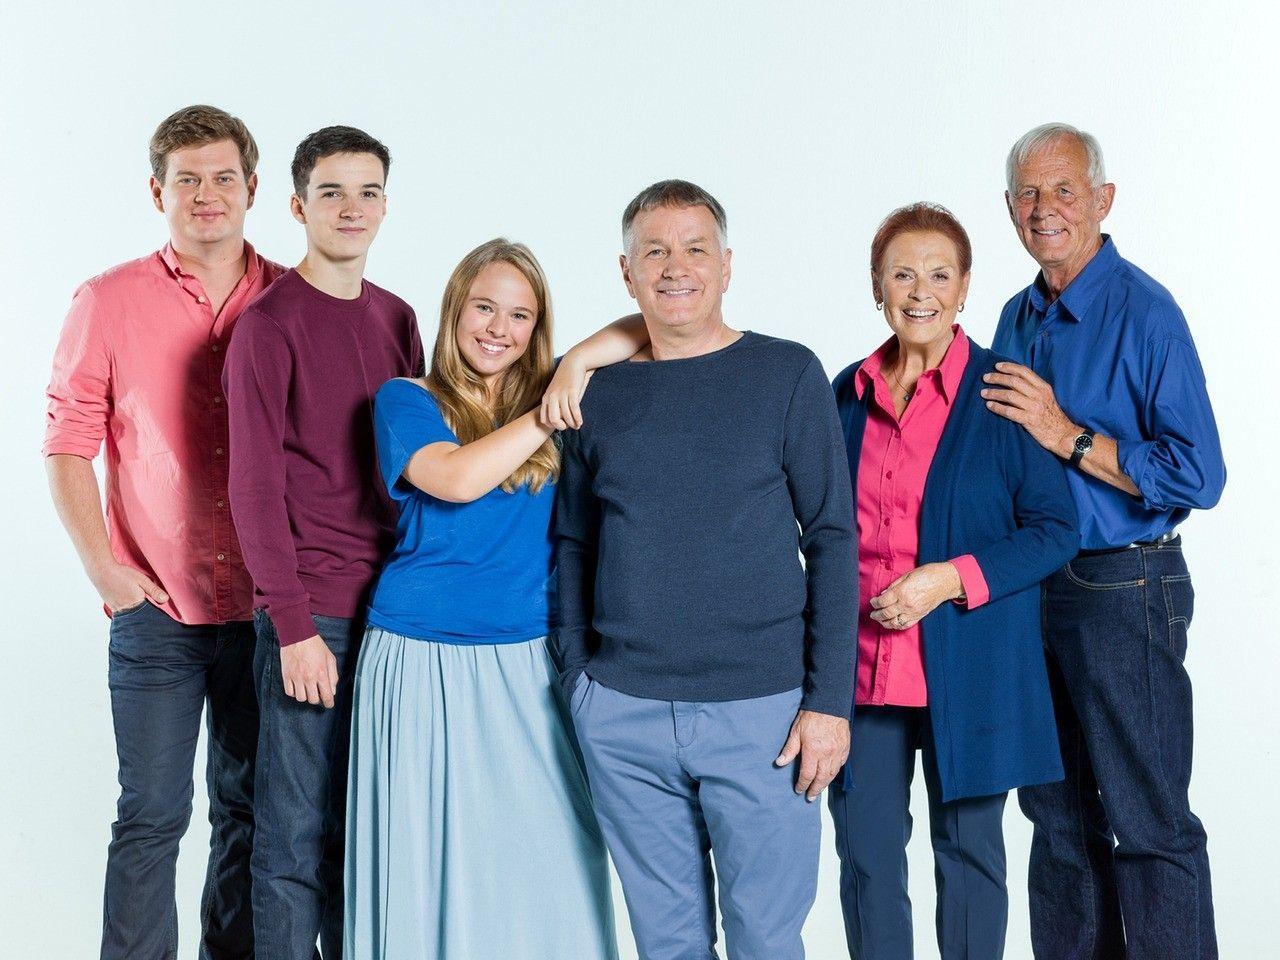 Familie Heilmann In Aller Freundschaft Freundschaft Sendung